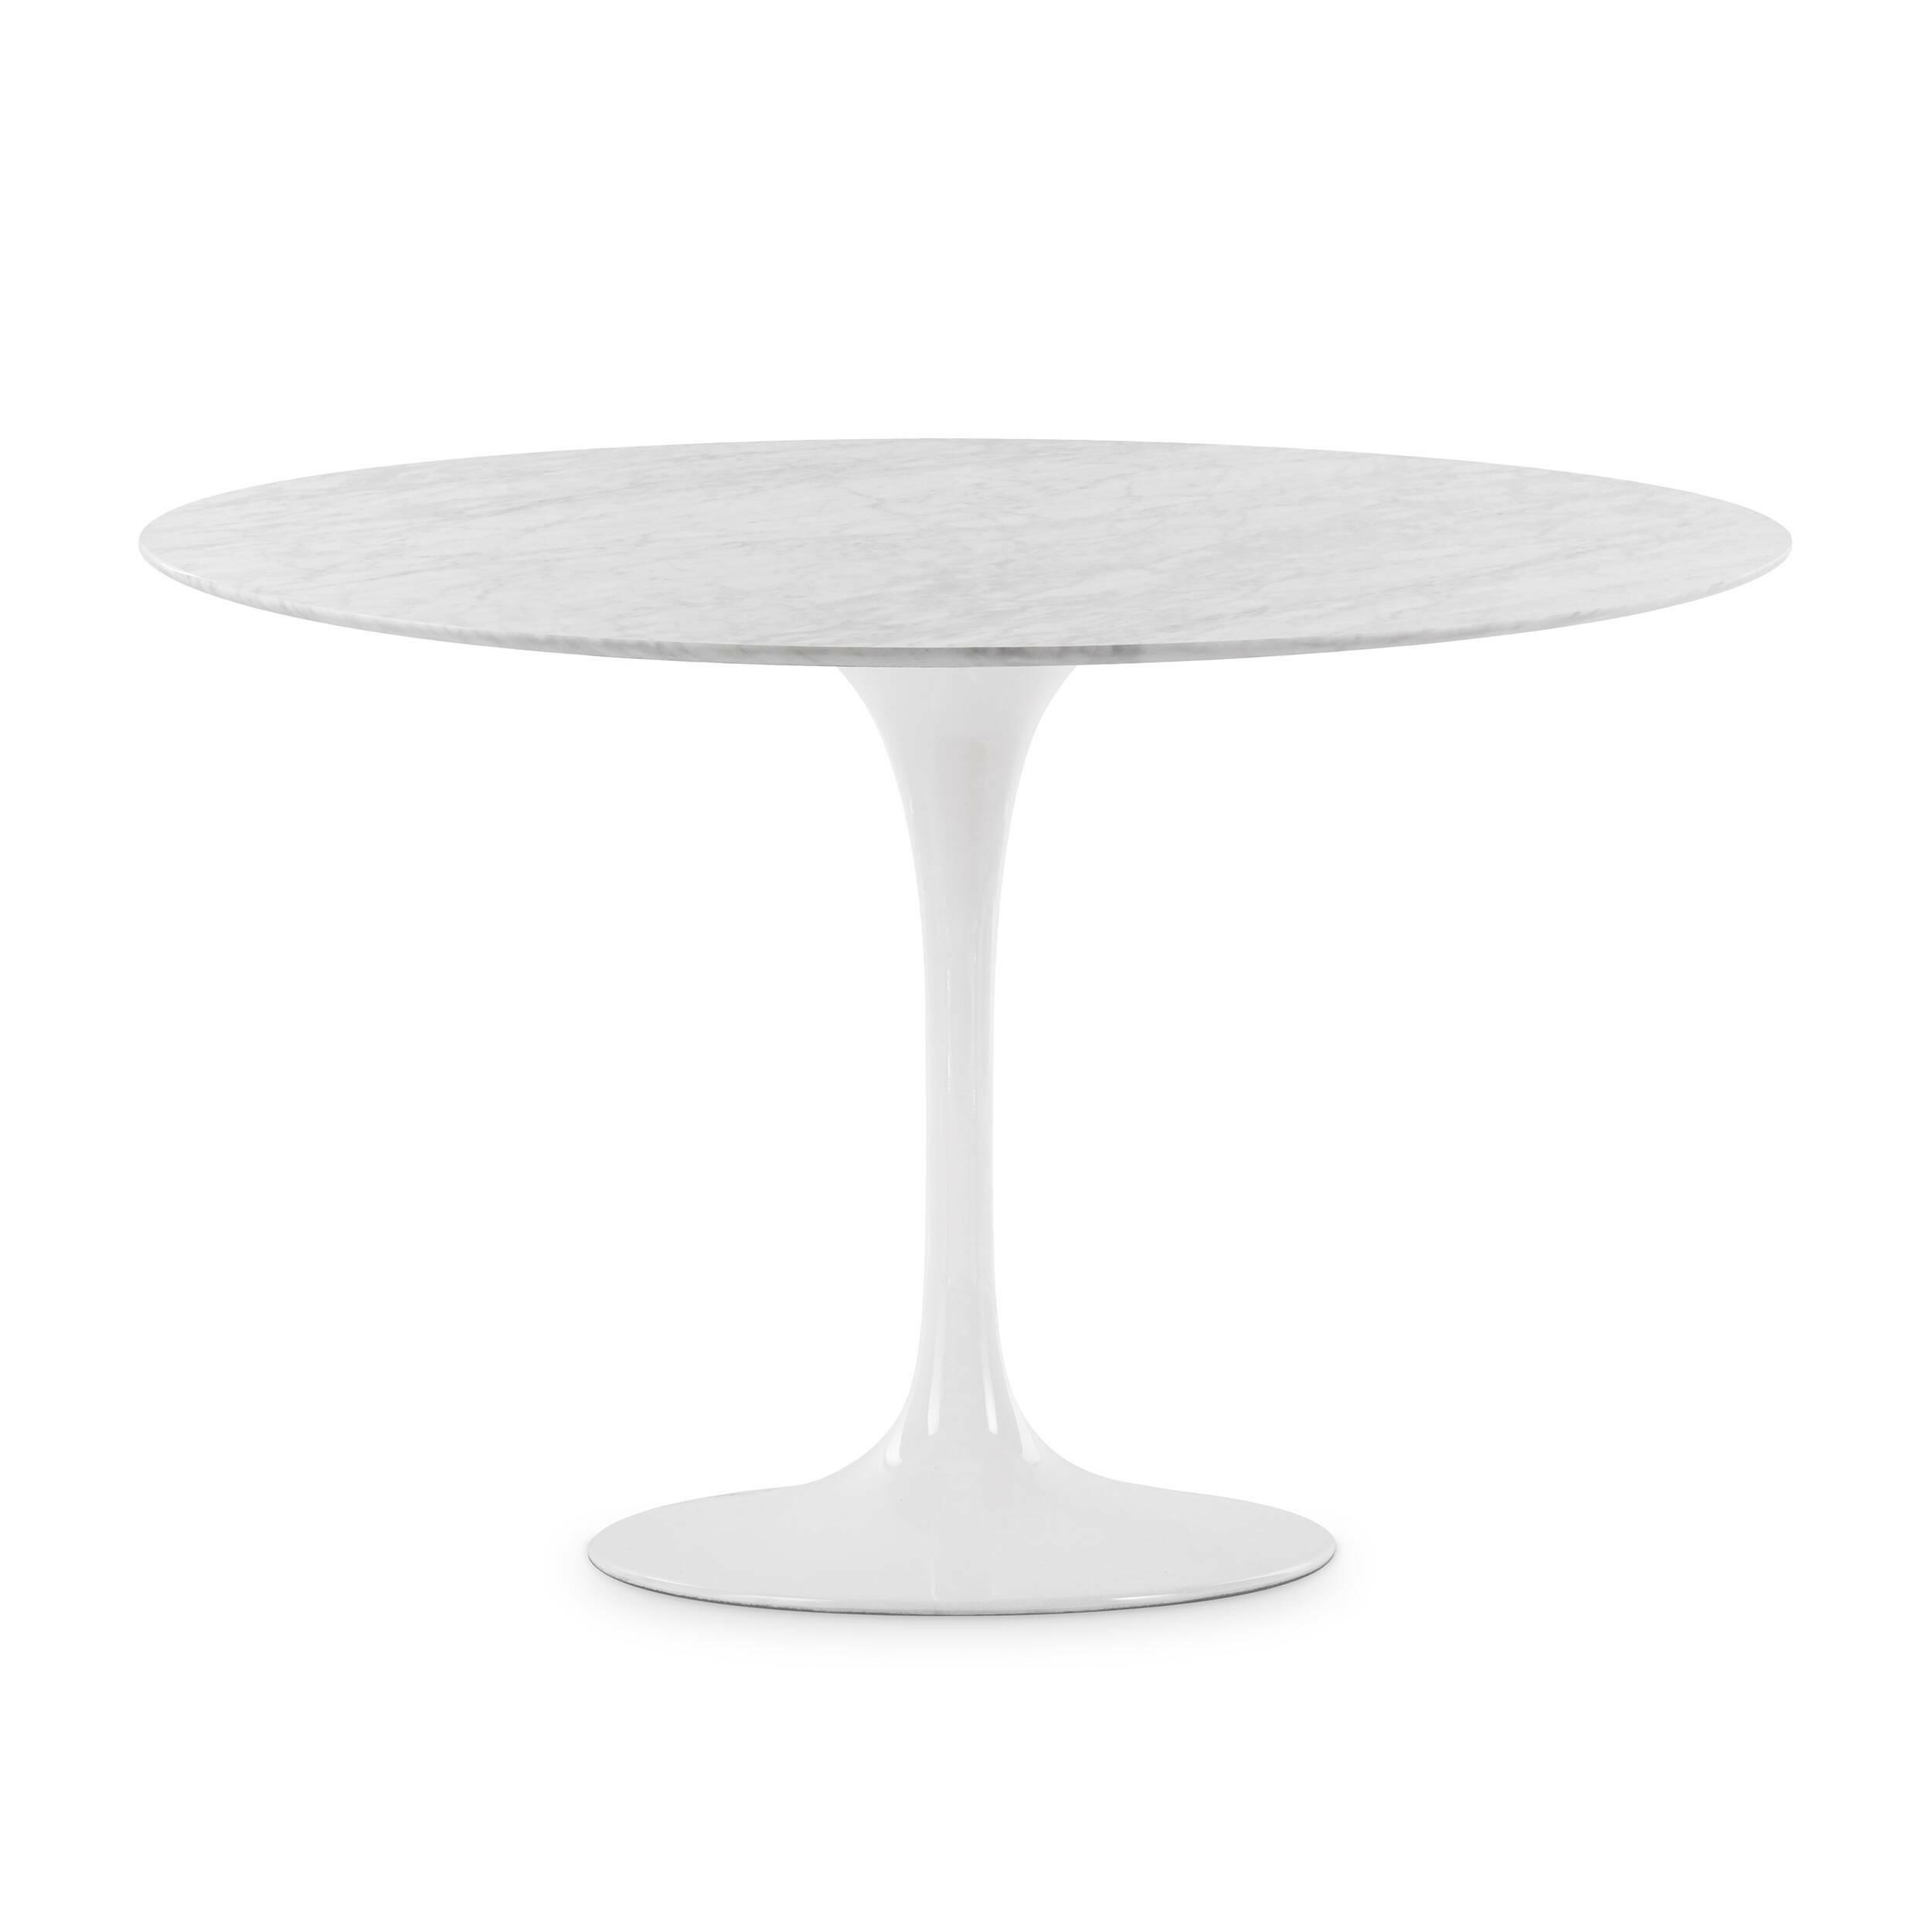 Обеденный стол Tulip диаметр 122Обеденные<br>Дизайнерская глянцевый белый обеденный стол Tulip (Тулип) овальный на одной ножке с мраморной столещницей от Cosmo (Космо).У каждого знаменитого дизайнера прошлого столетия есть своя «формула вечного дизайна», а значит, есть и произведения дизайнерского искусства, которые уже много лет не выходят из моды, не теряют своей актуальности и востребованы по сей день. Стол Tulip как раз был разработан при помощи такой формулы, которую вывел Ээро Сааринен. Изящная ножка-тюльпан и круглая столешница, ...<br><br>stock: 0<br>Высота: 72<br>Диаметр: 122<br>Цвет ножек: Белый глянец<br>Цвет столешницы: Белый<br>Материал столешницы: Мрамор итальянский<br>Тип материала столешницы: Мрамор<br>Тип материала ножек: Алюминий